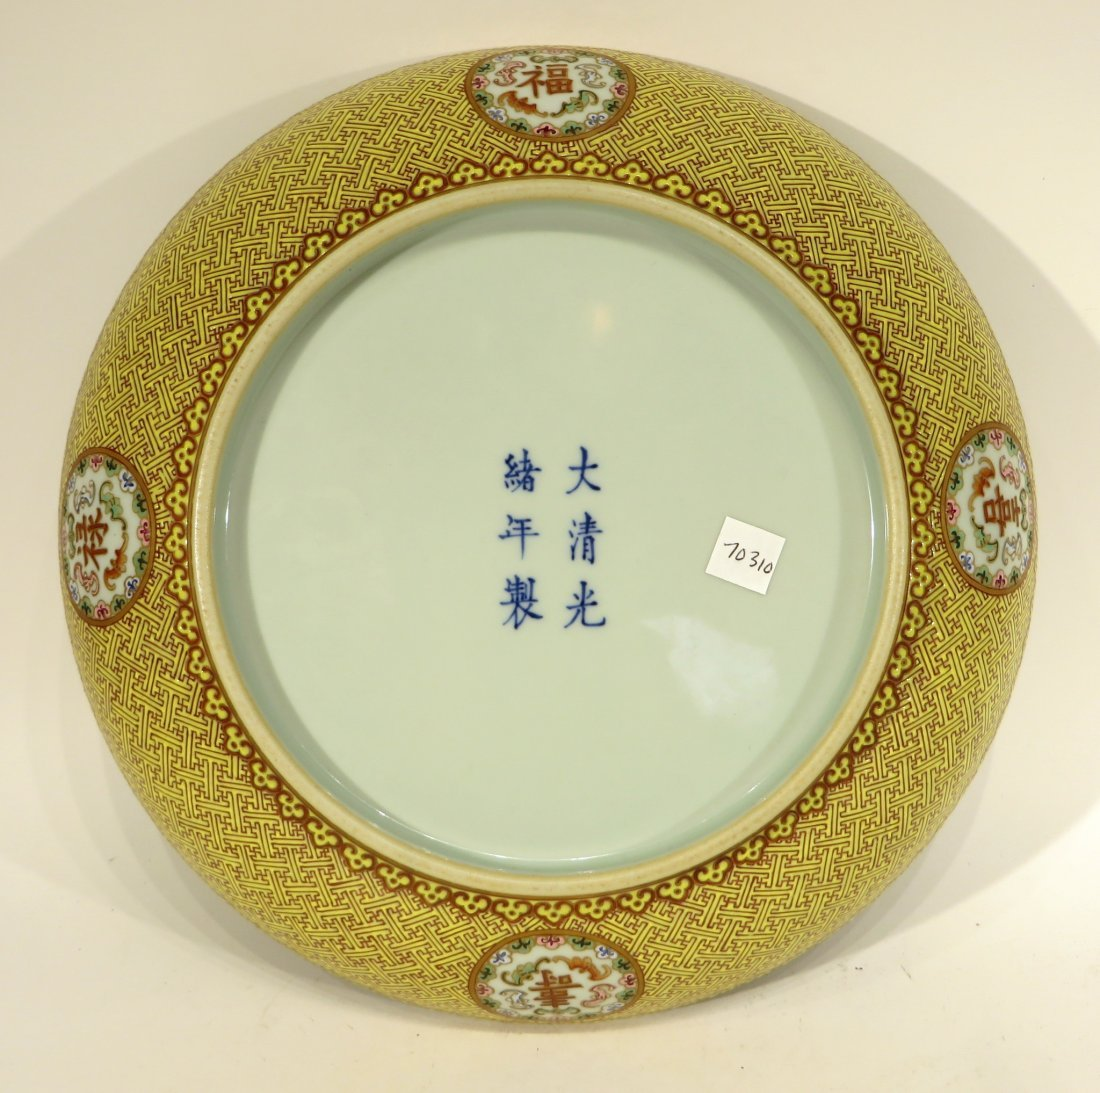 CHINESE GUANG XU PORCELAIN PLATE - 9